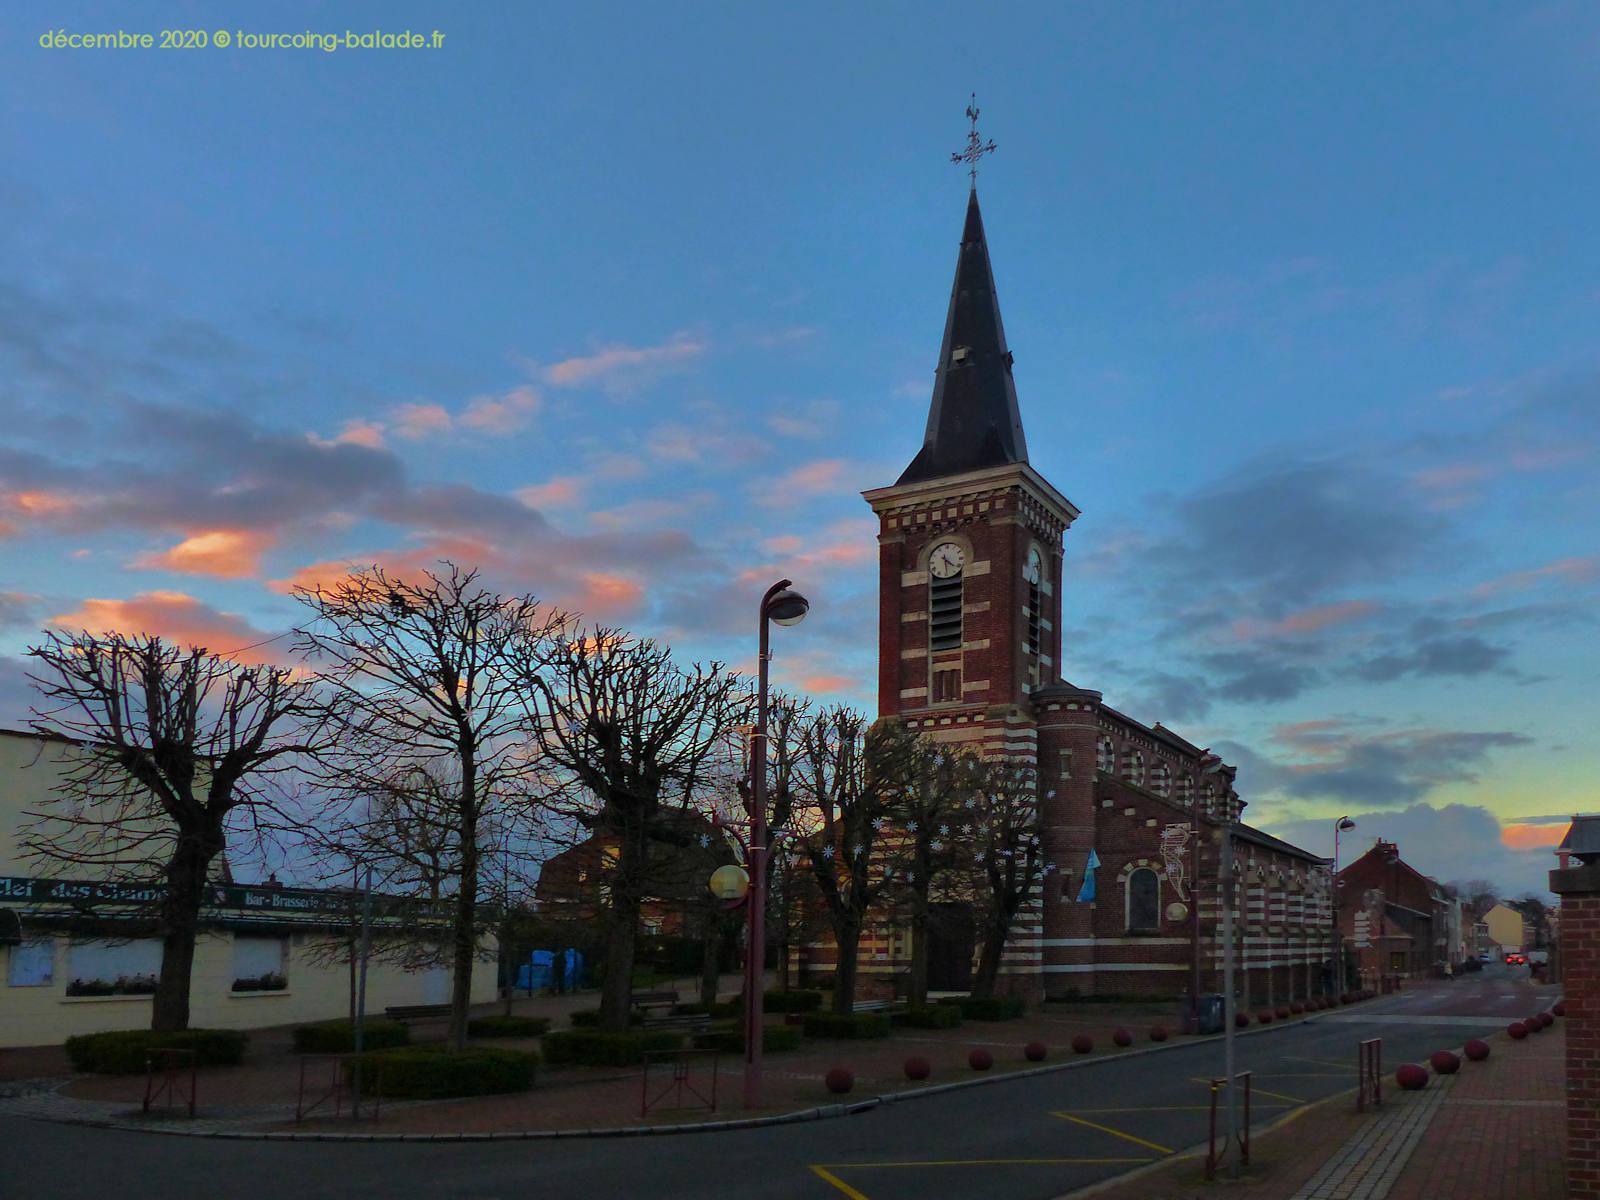 Templemars Hiver 2020 - Église Saint Martin